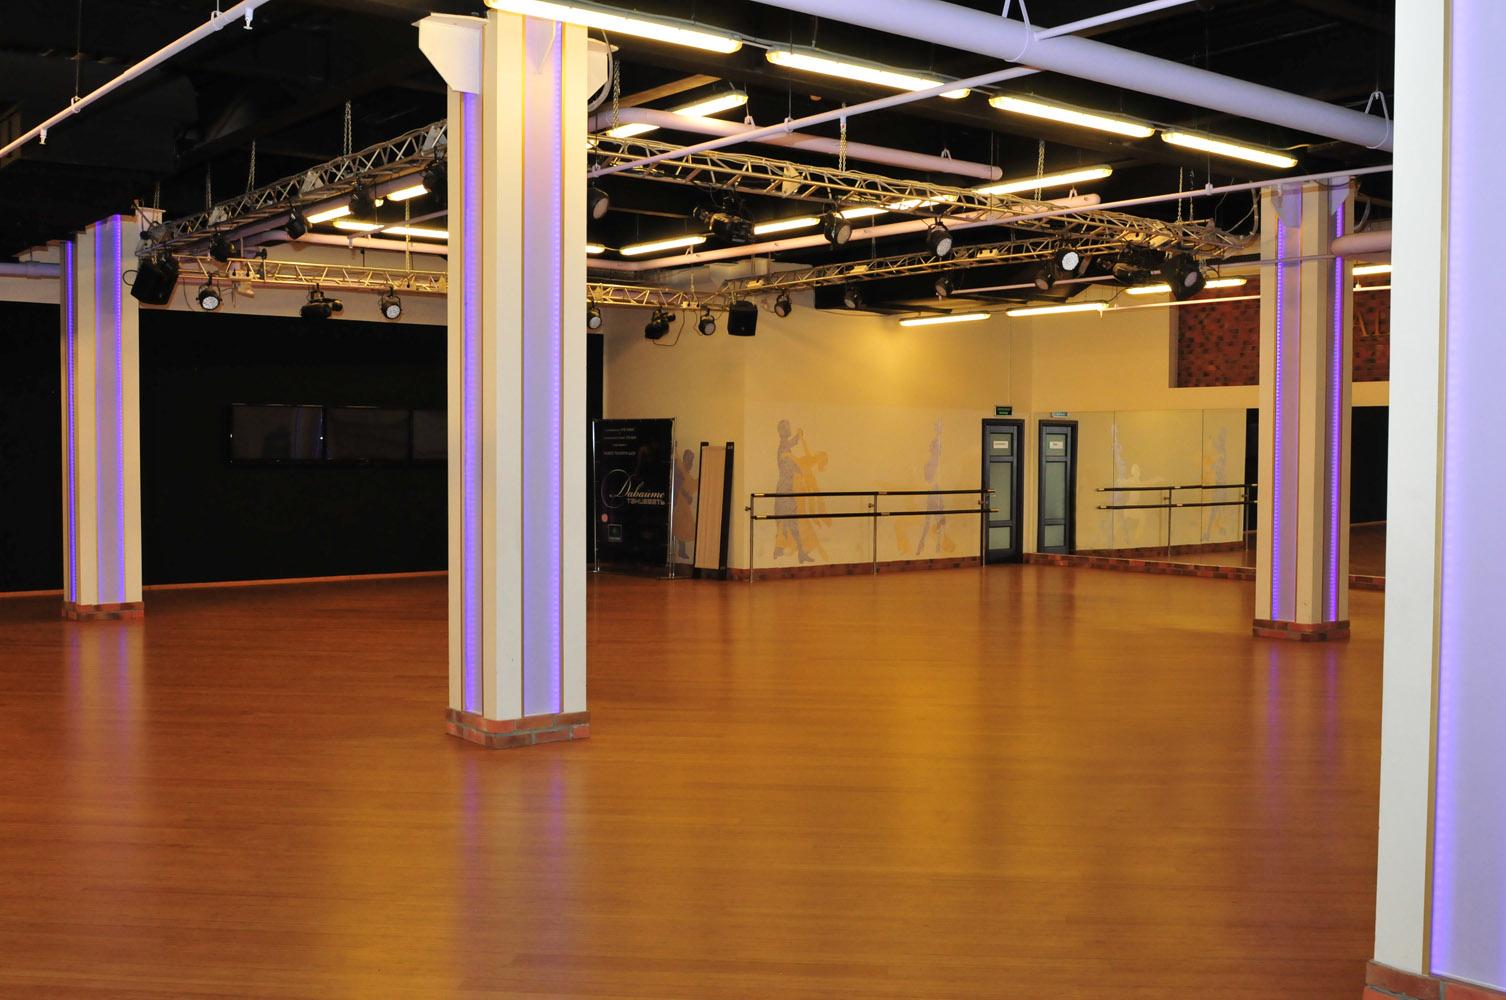 Помещение для студии танцев